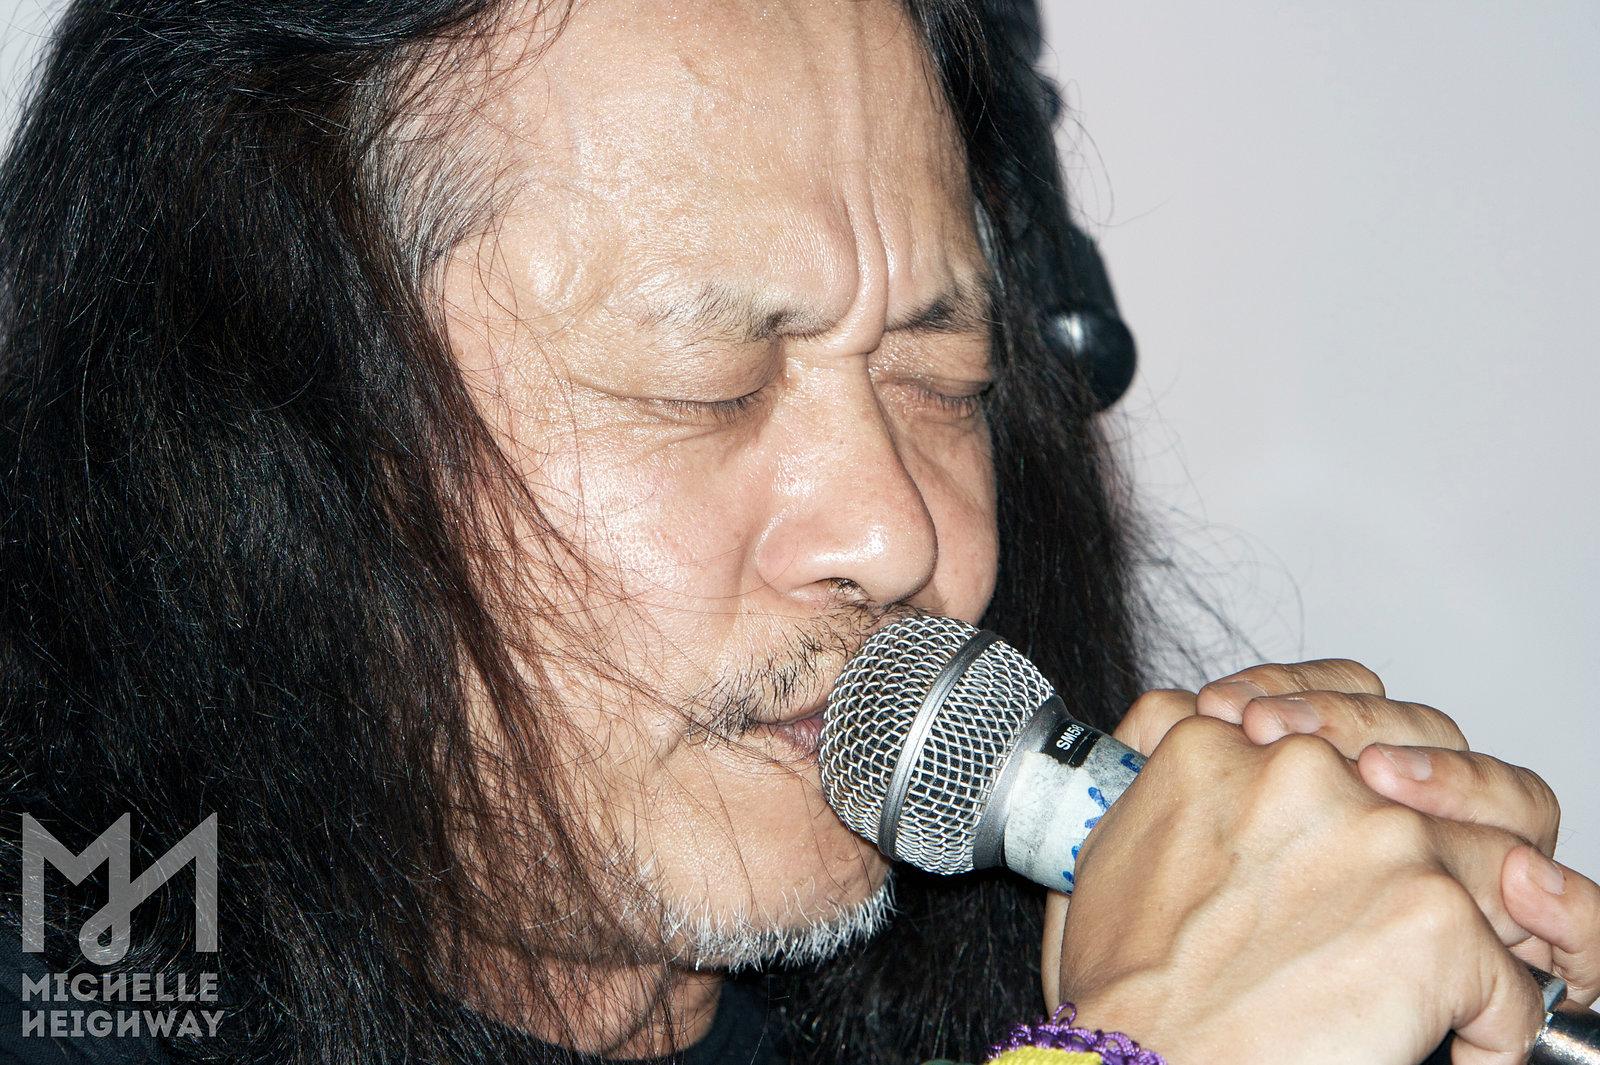 Damo Suzuki - UK - 2010